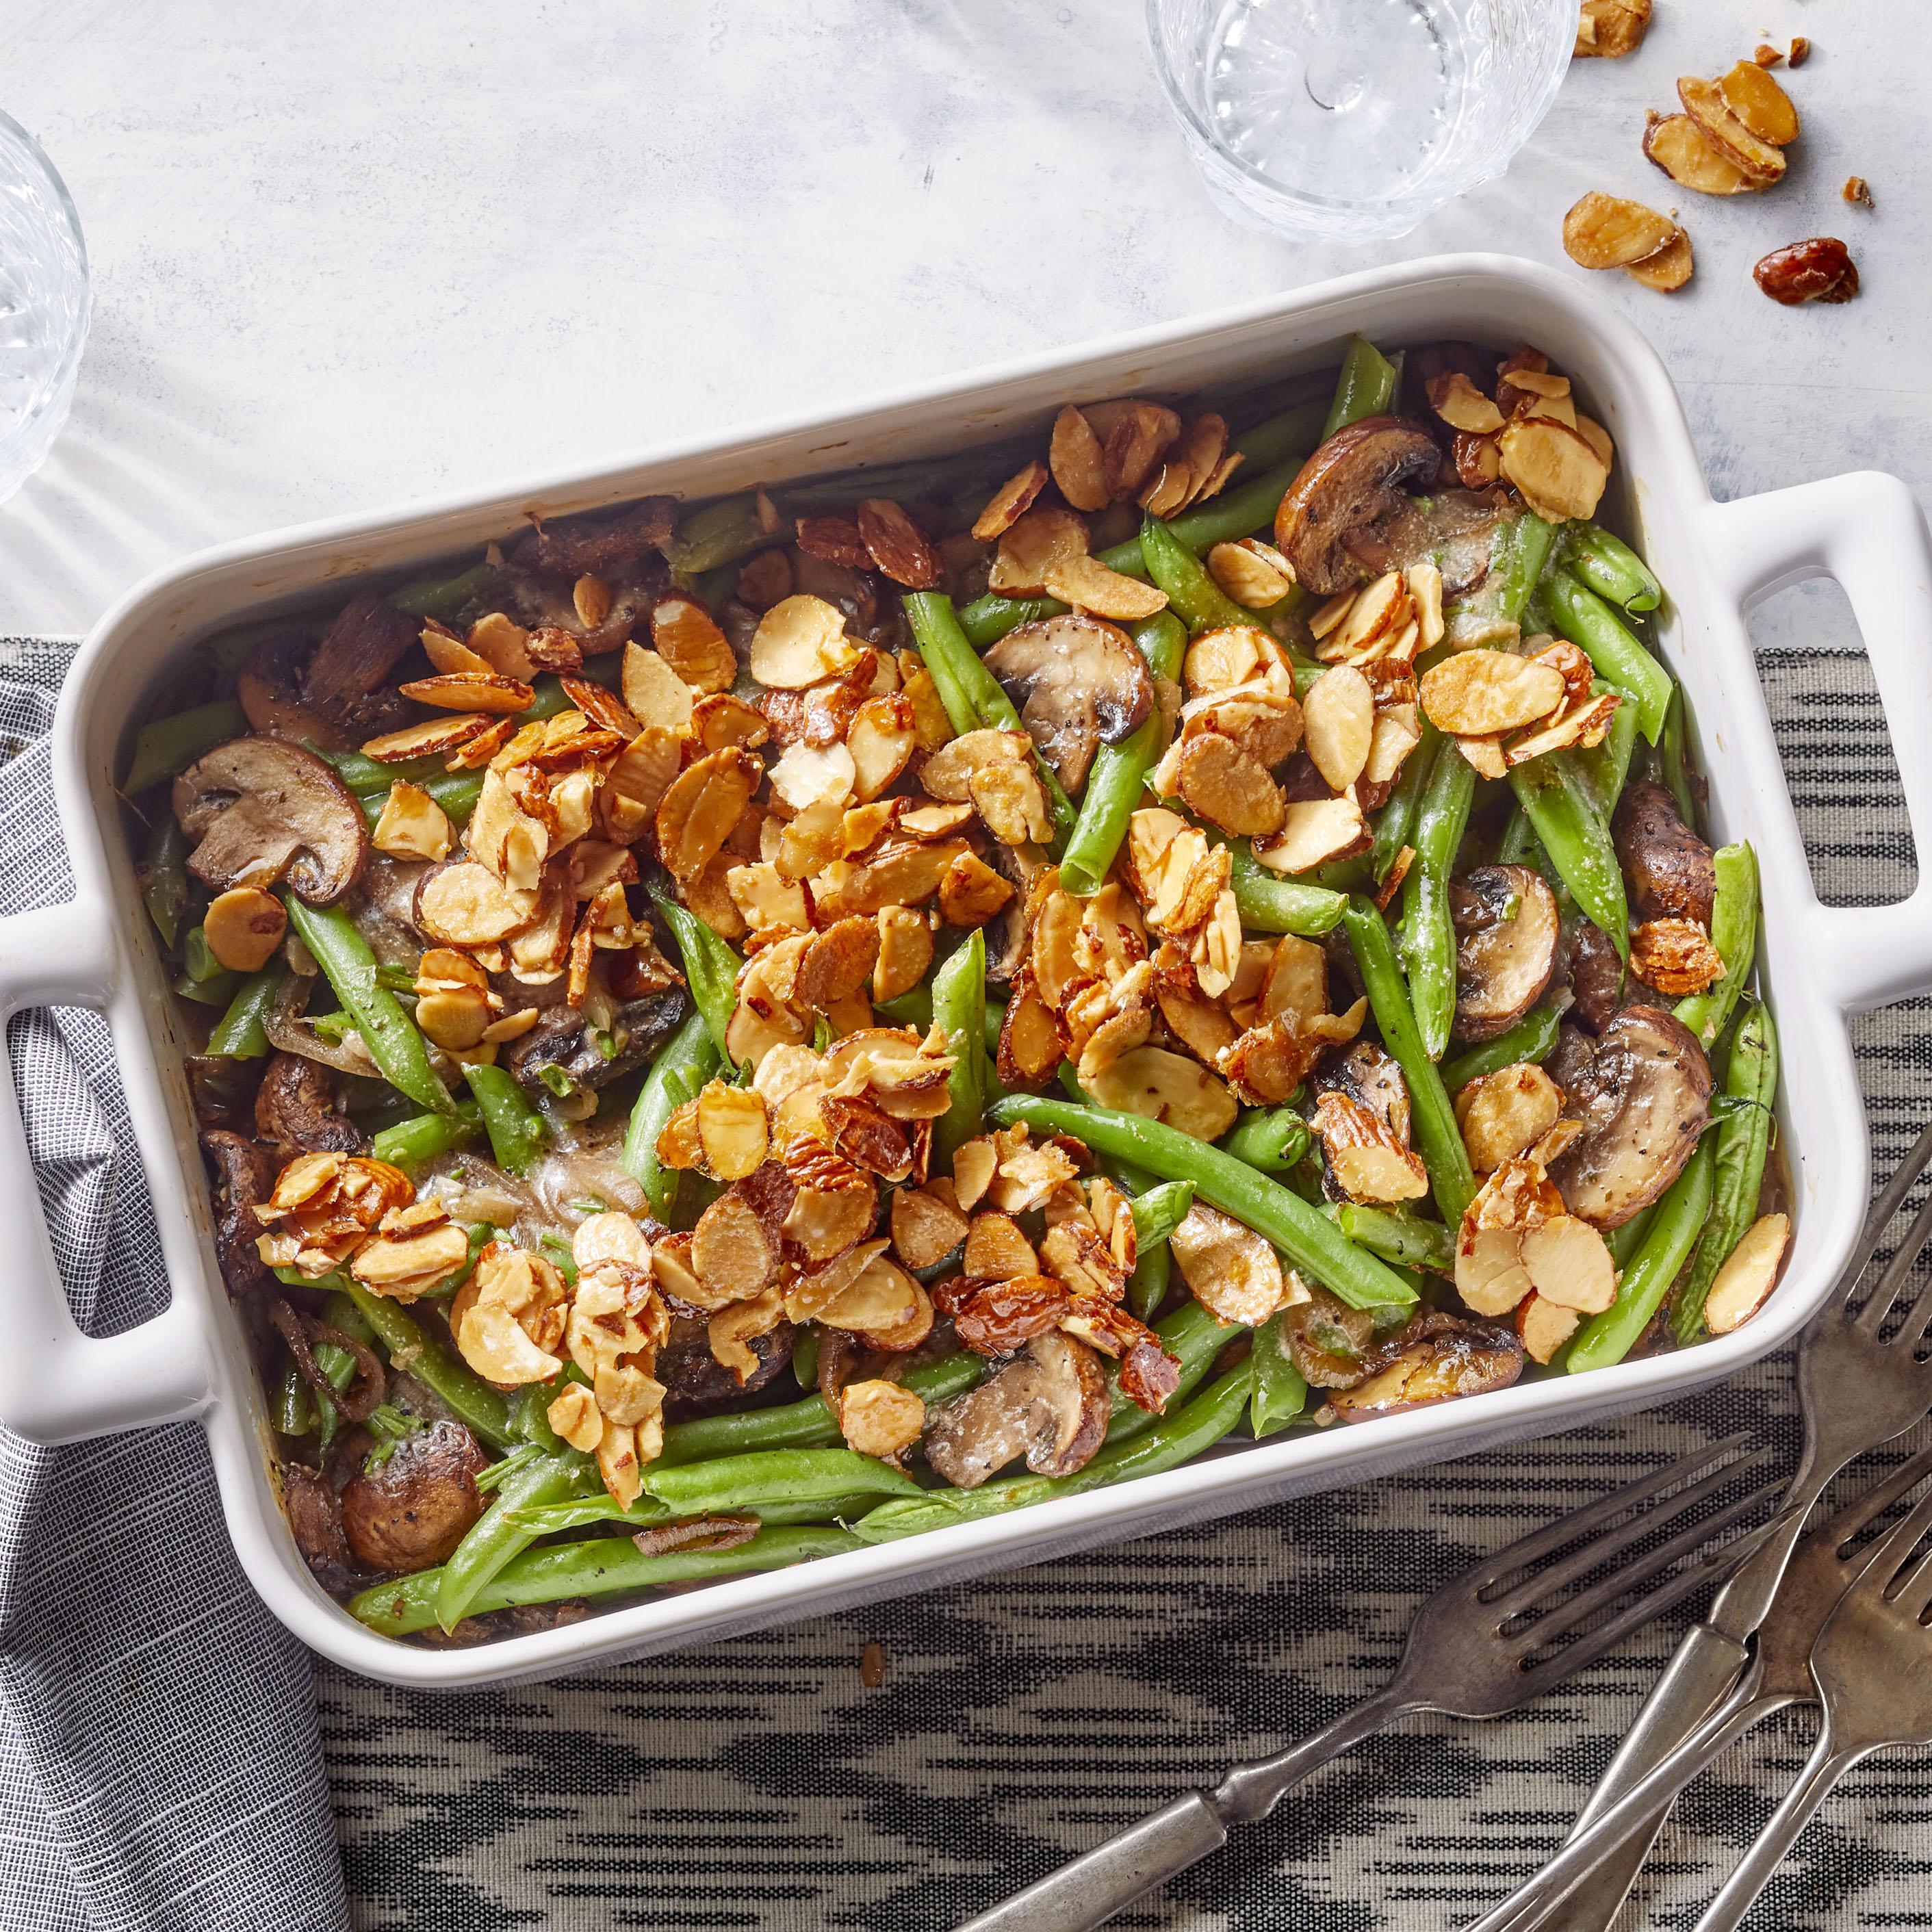 Healthier Homemade Green Bean Casserole_image